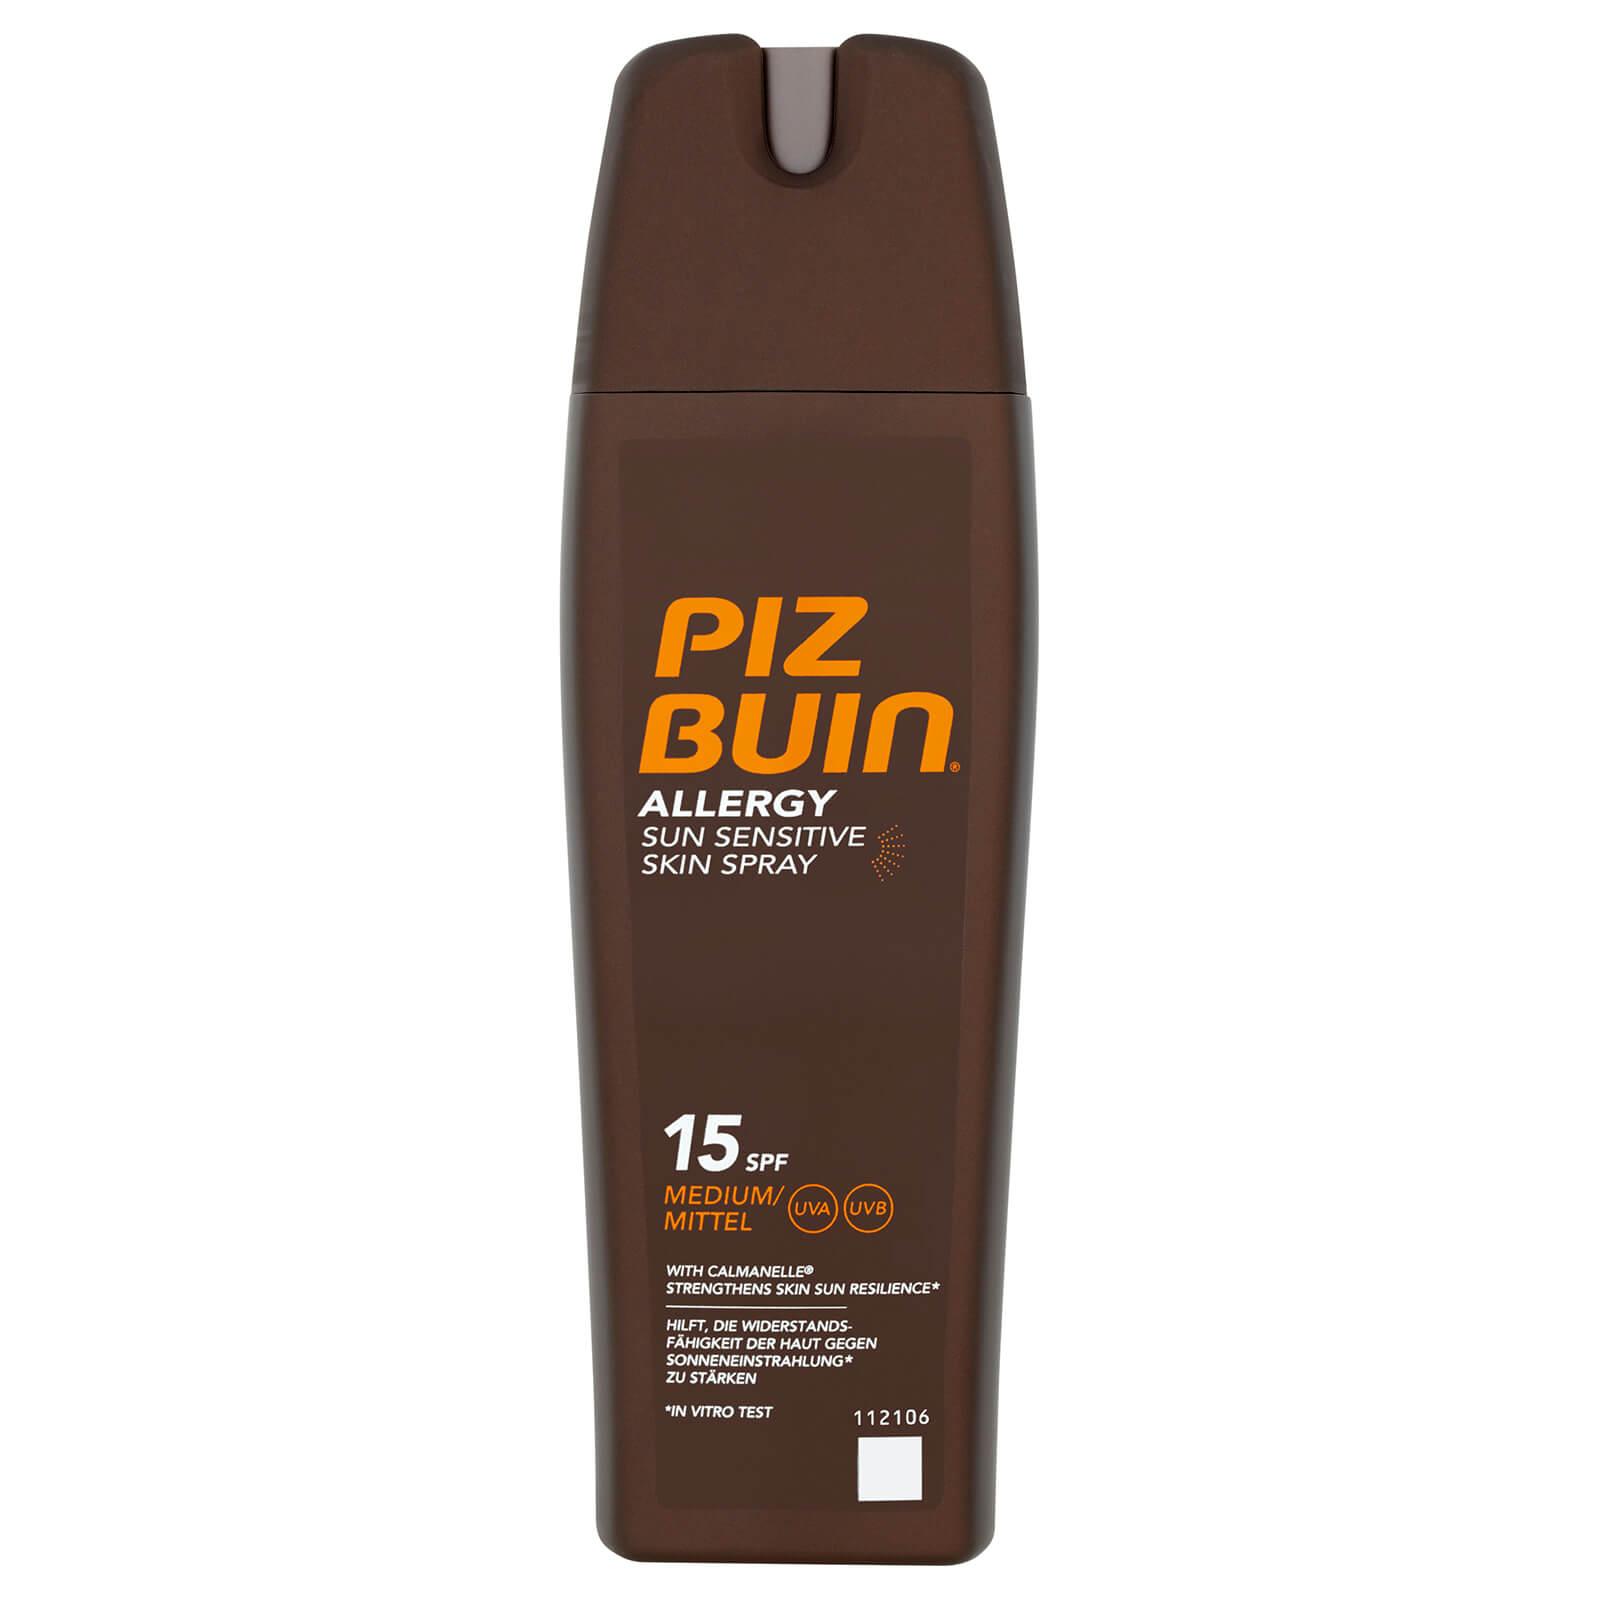 Купить Солнцезащитный спрей для чувствительной кожи Piz Buin Allergy Sun Sensitive Skin Spray - Medium SPF15 200 мл